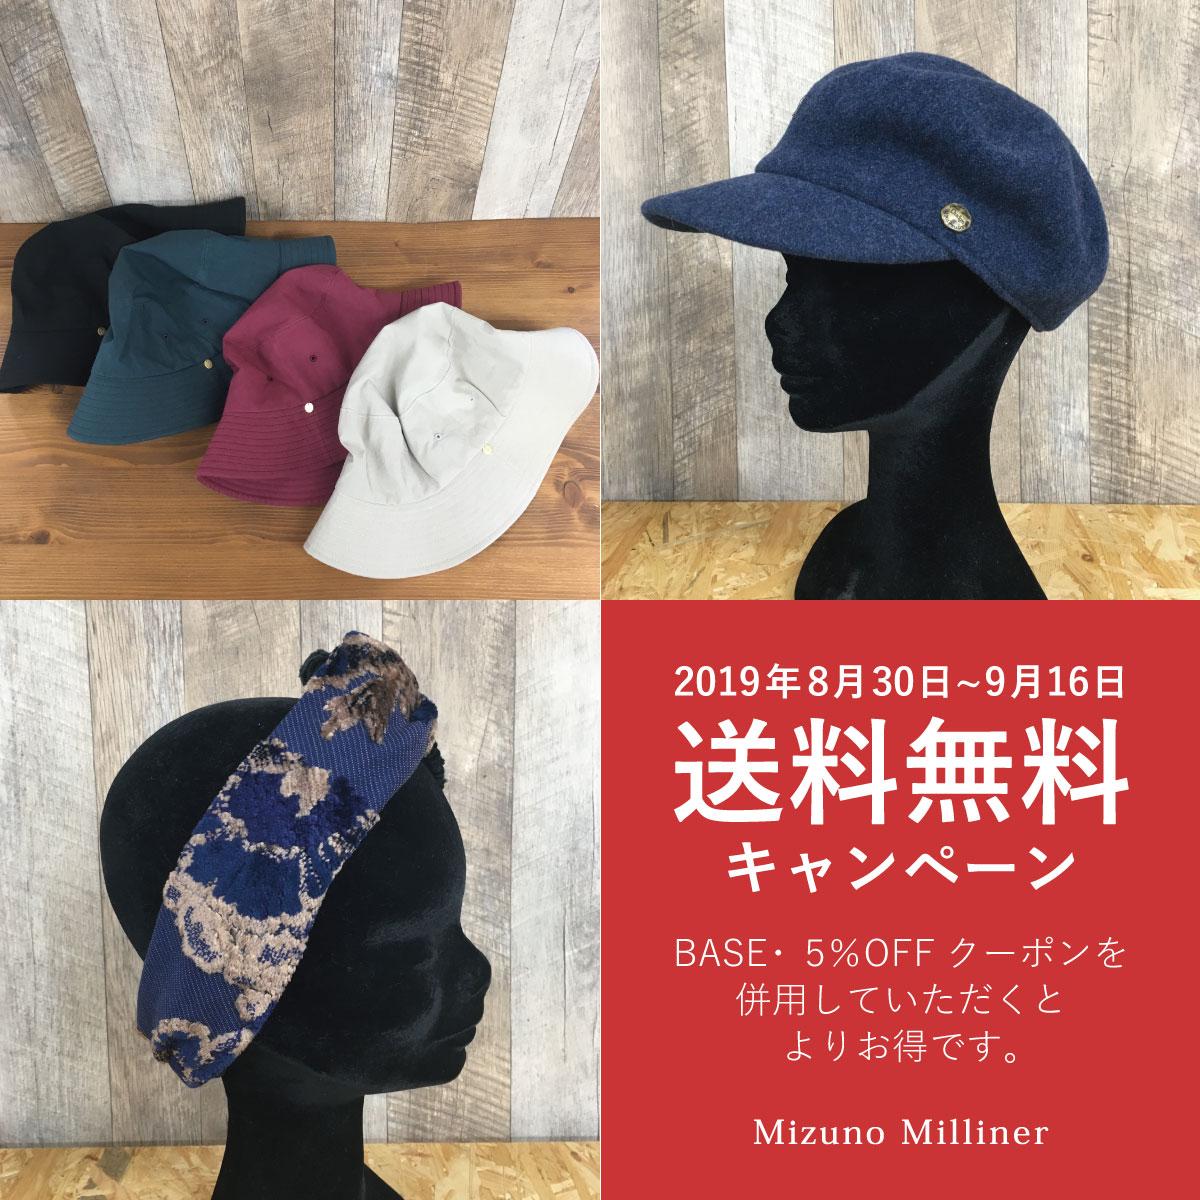 【送料無料】秋冬帽子をお得に購入できるチャンス!